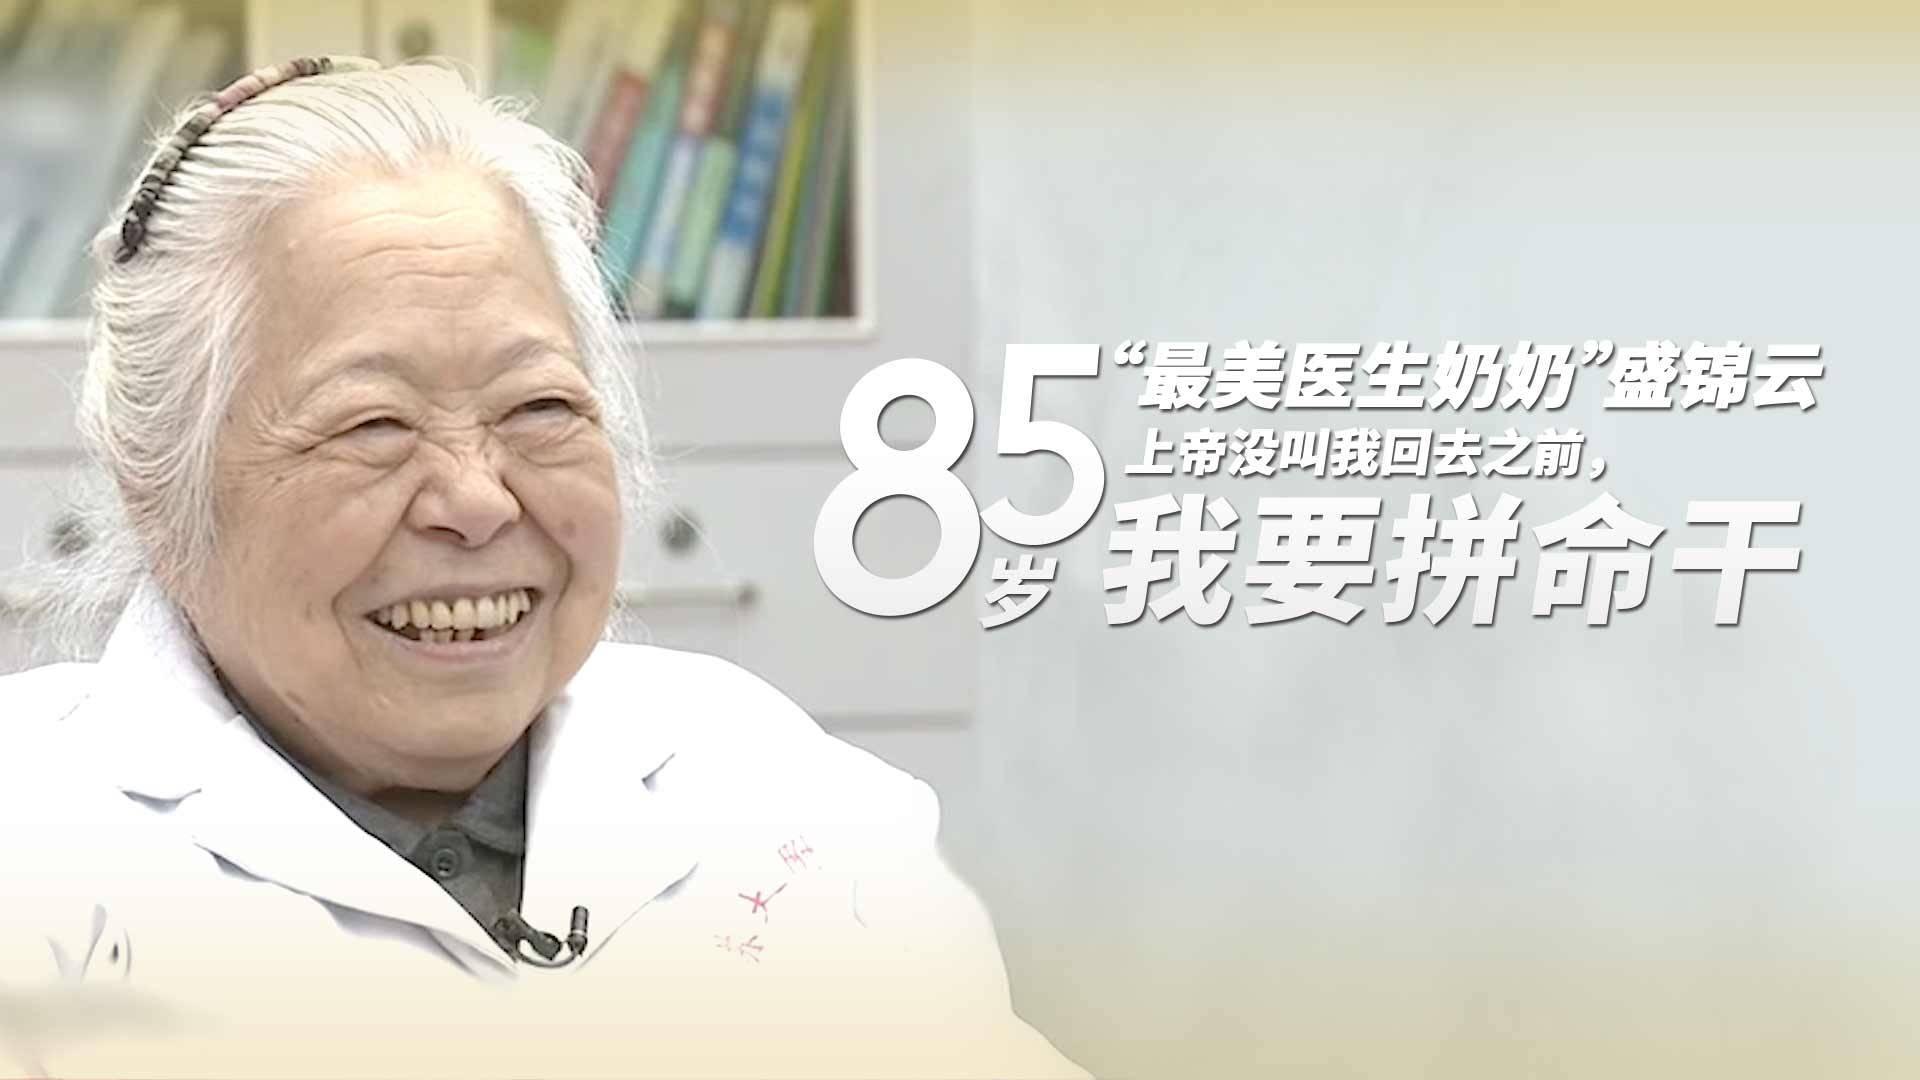 """85岁医生奶奶很生气!""""中国儿童哮喘死亡率世界第一,我心里着急"""""""